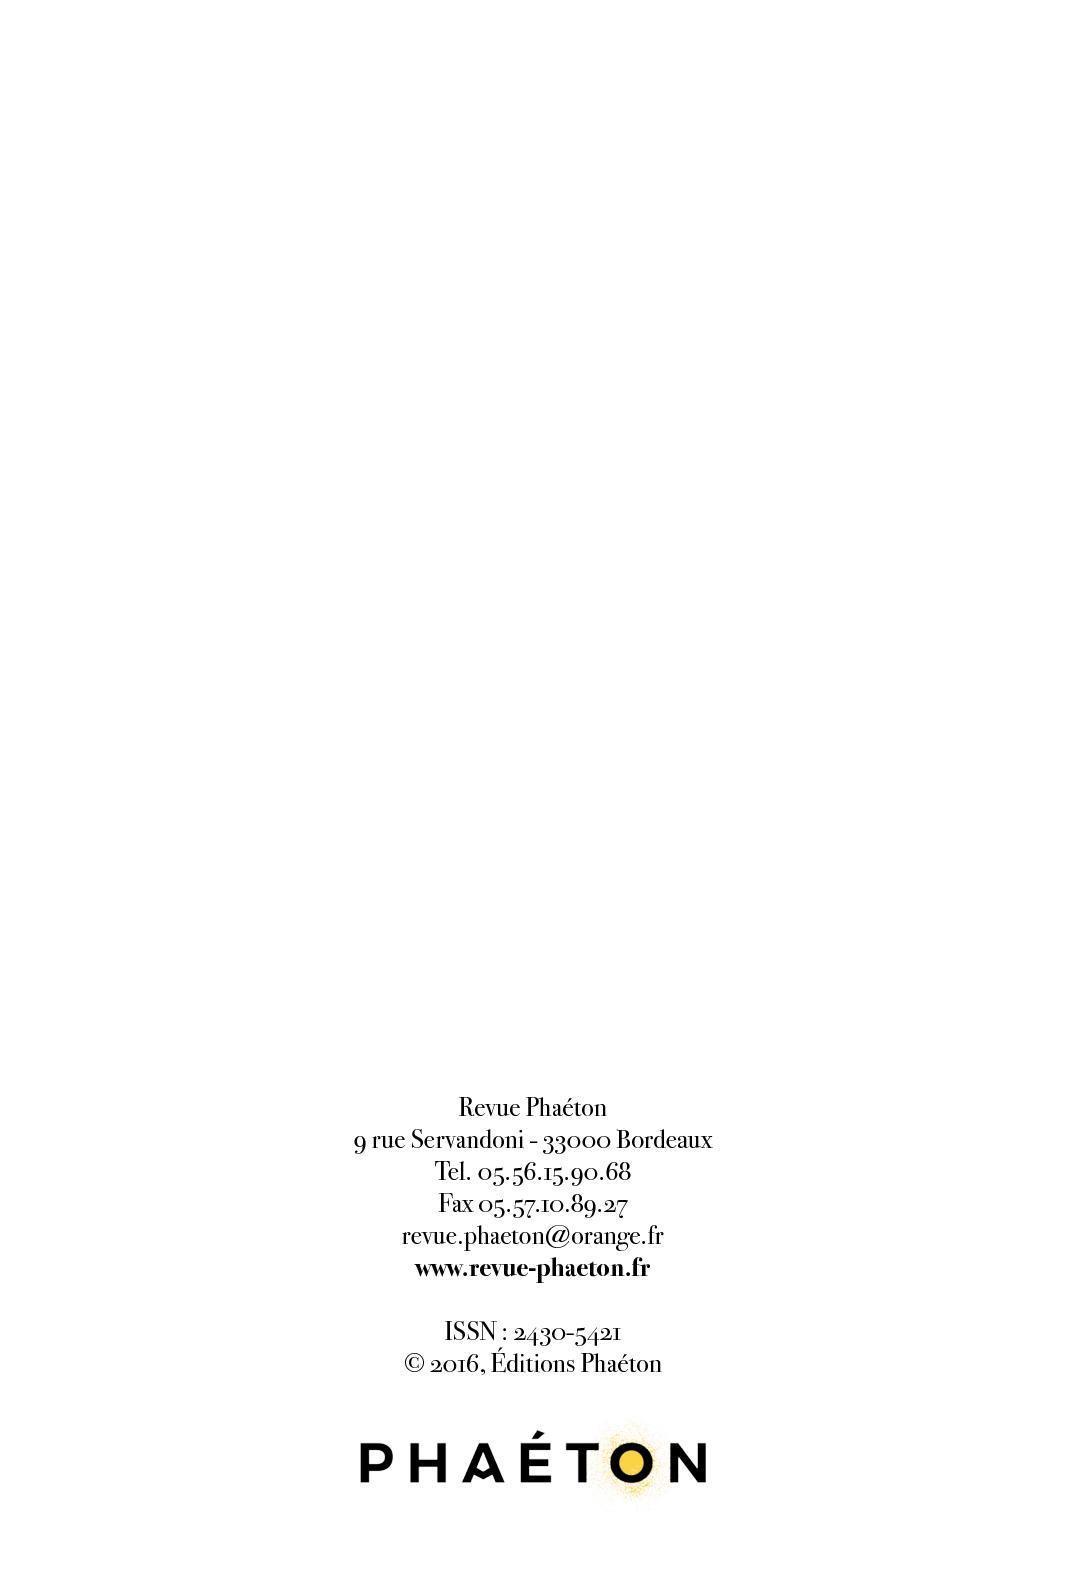 Calaméo - Revue Phaéton 2016 90a89c9d75f